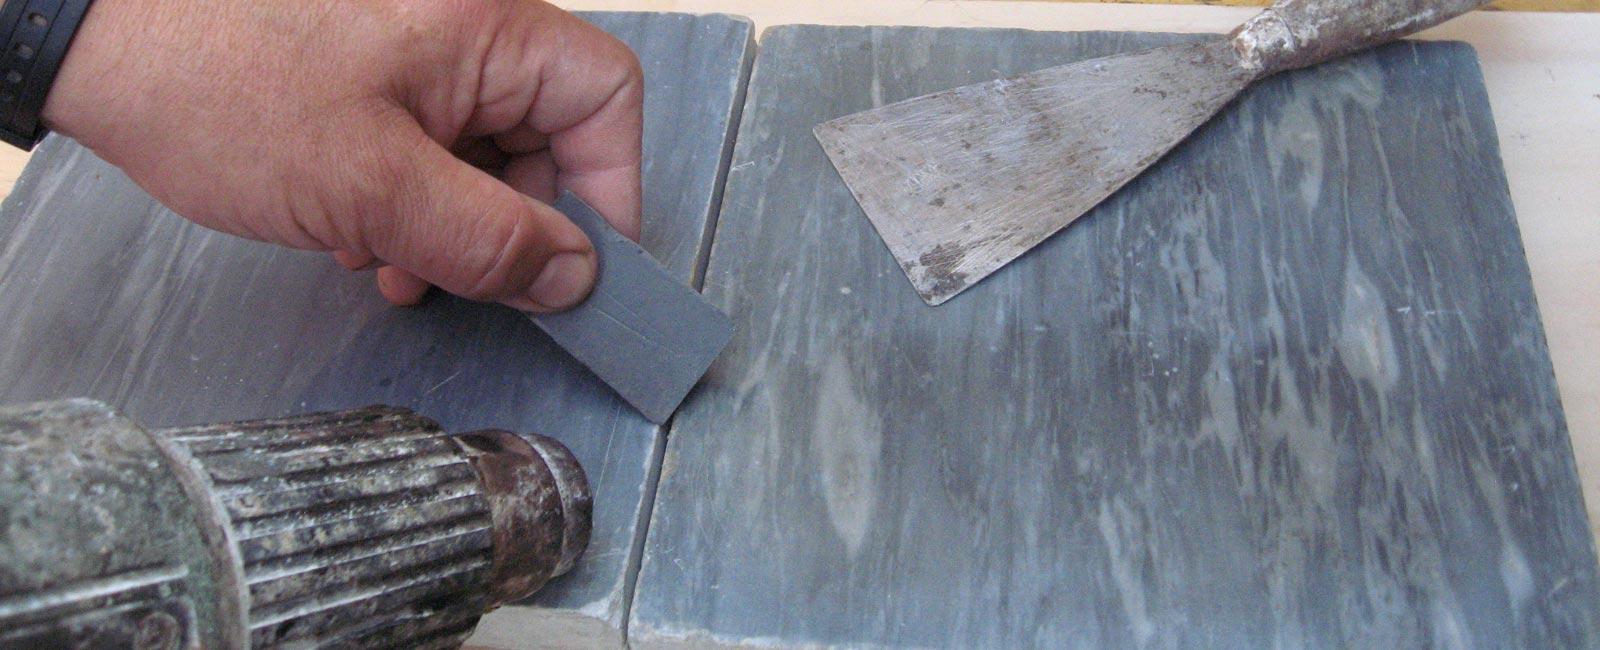 Marmo Rovinato Da Anticalcare.Video Come Lucidare Marmo Rovinato Opaco Rigato Macchiato